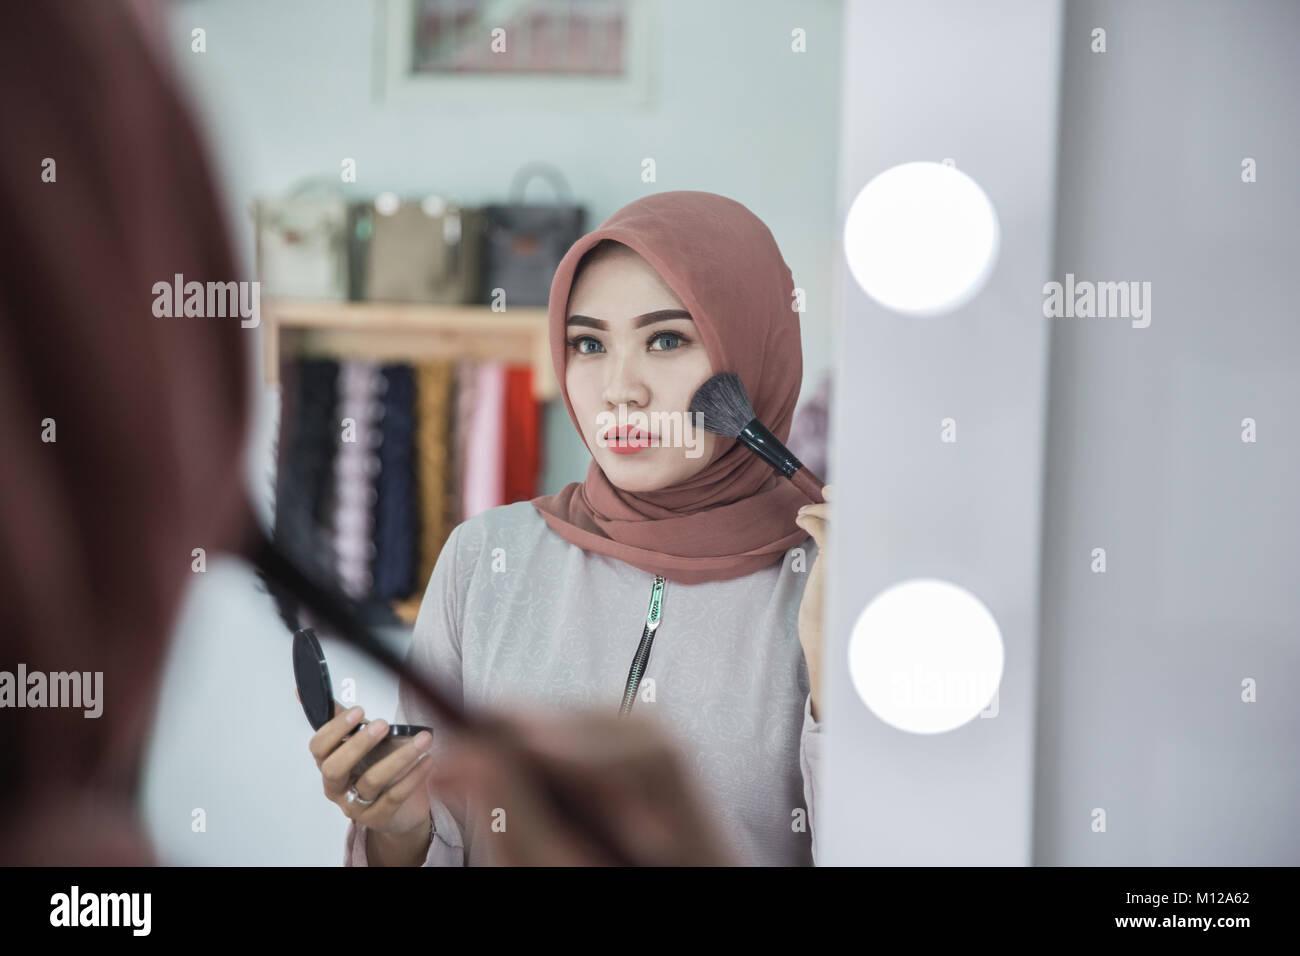 Spiegel Make Up : Schönheit muslimische frau mit kopftuch anwendung make up schöne